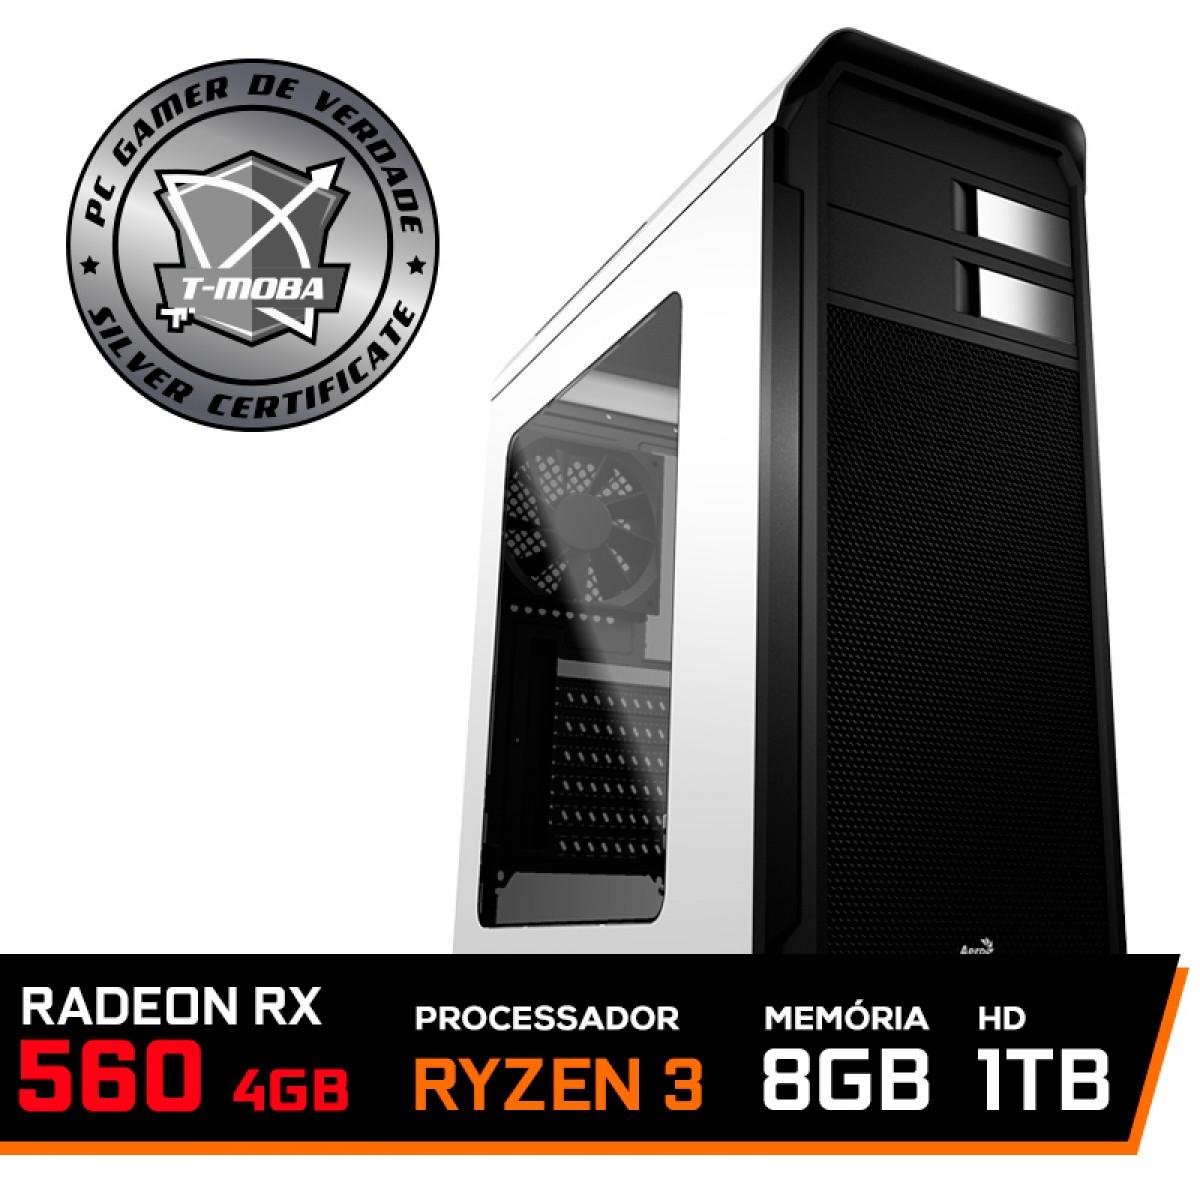 Pc Gamer Tera Edition AMD Ryzen 5 3400G / Radeon Rx 560 4GB / DDR4 8GB / HD 1TB / 500W